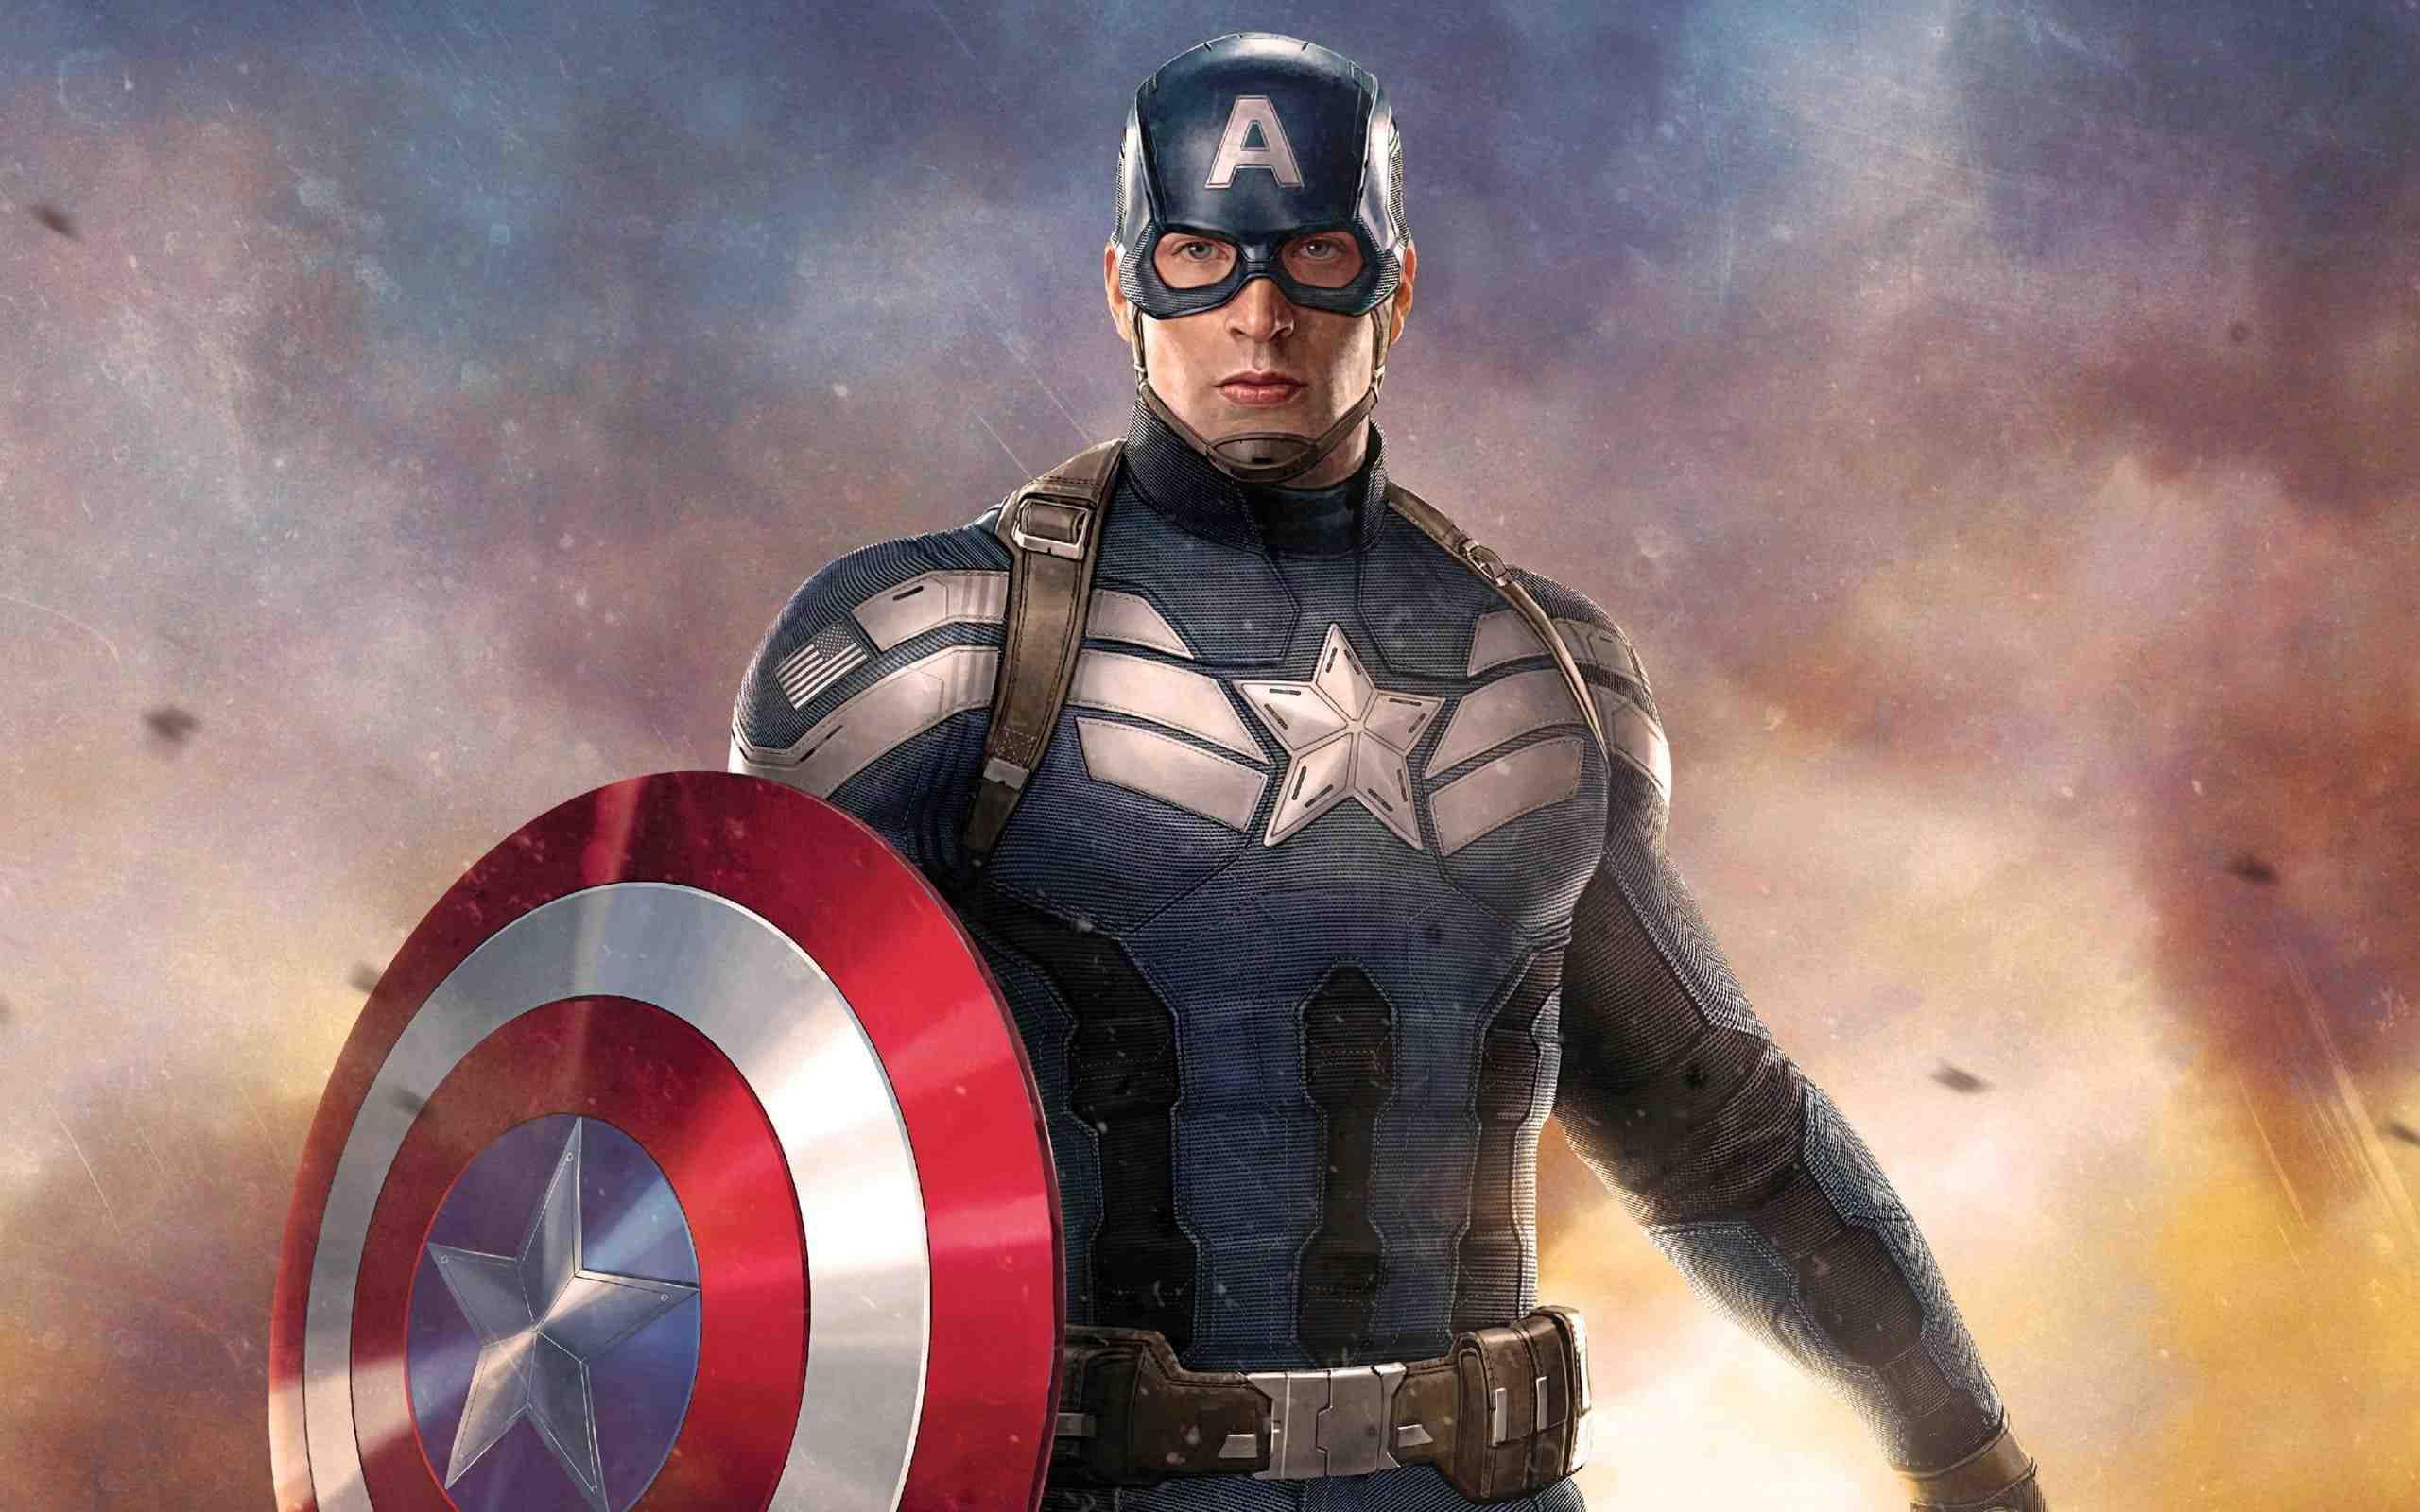 Captain America Fortnite skin